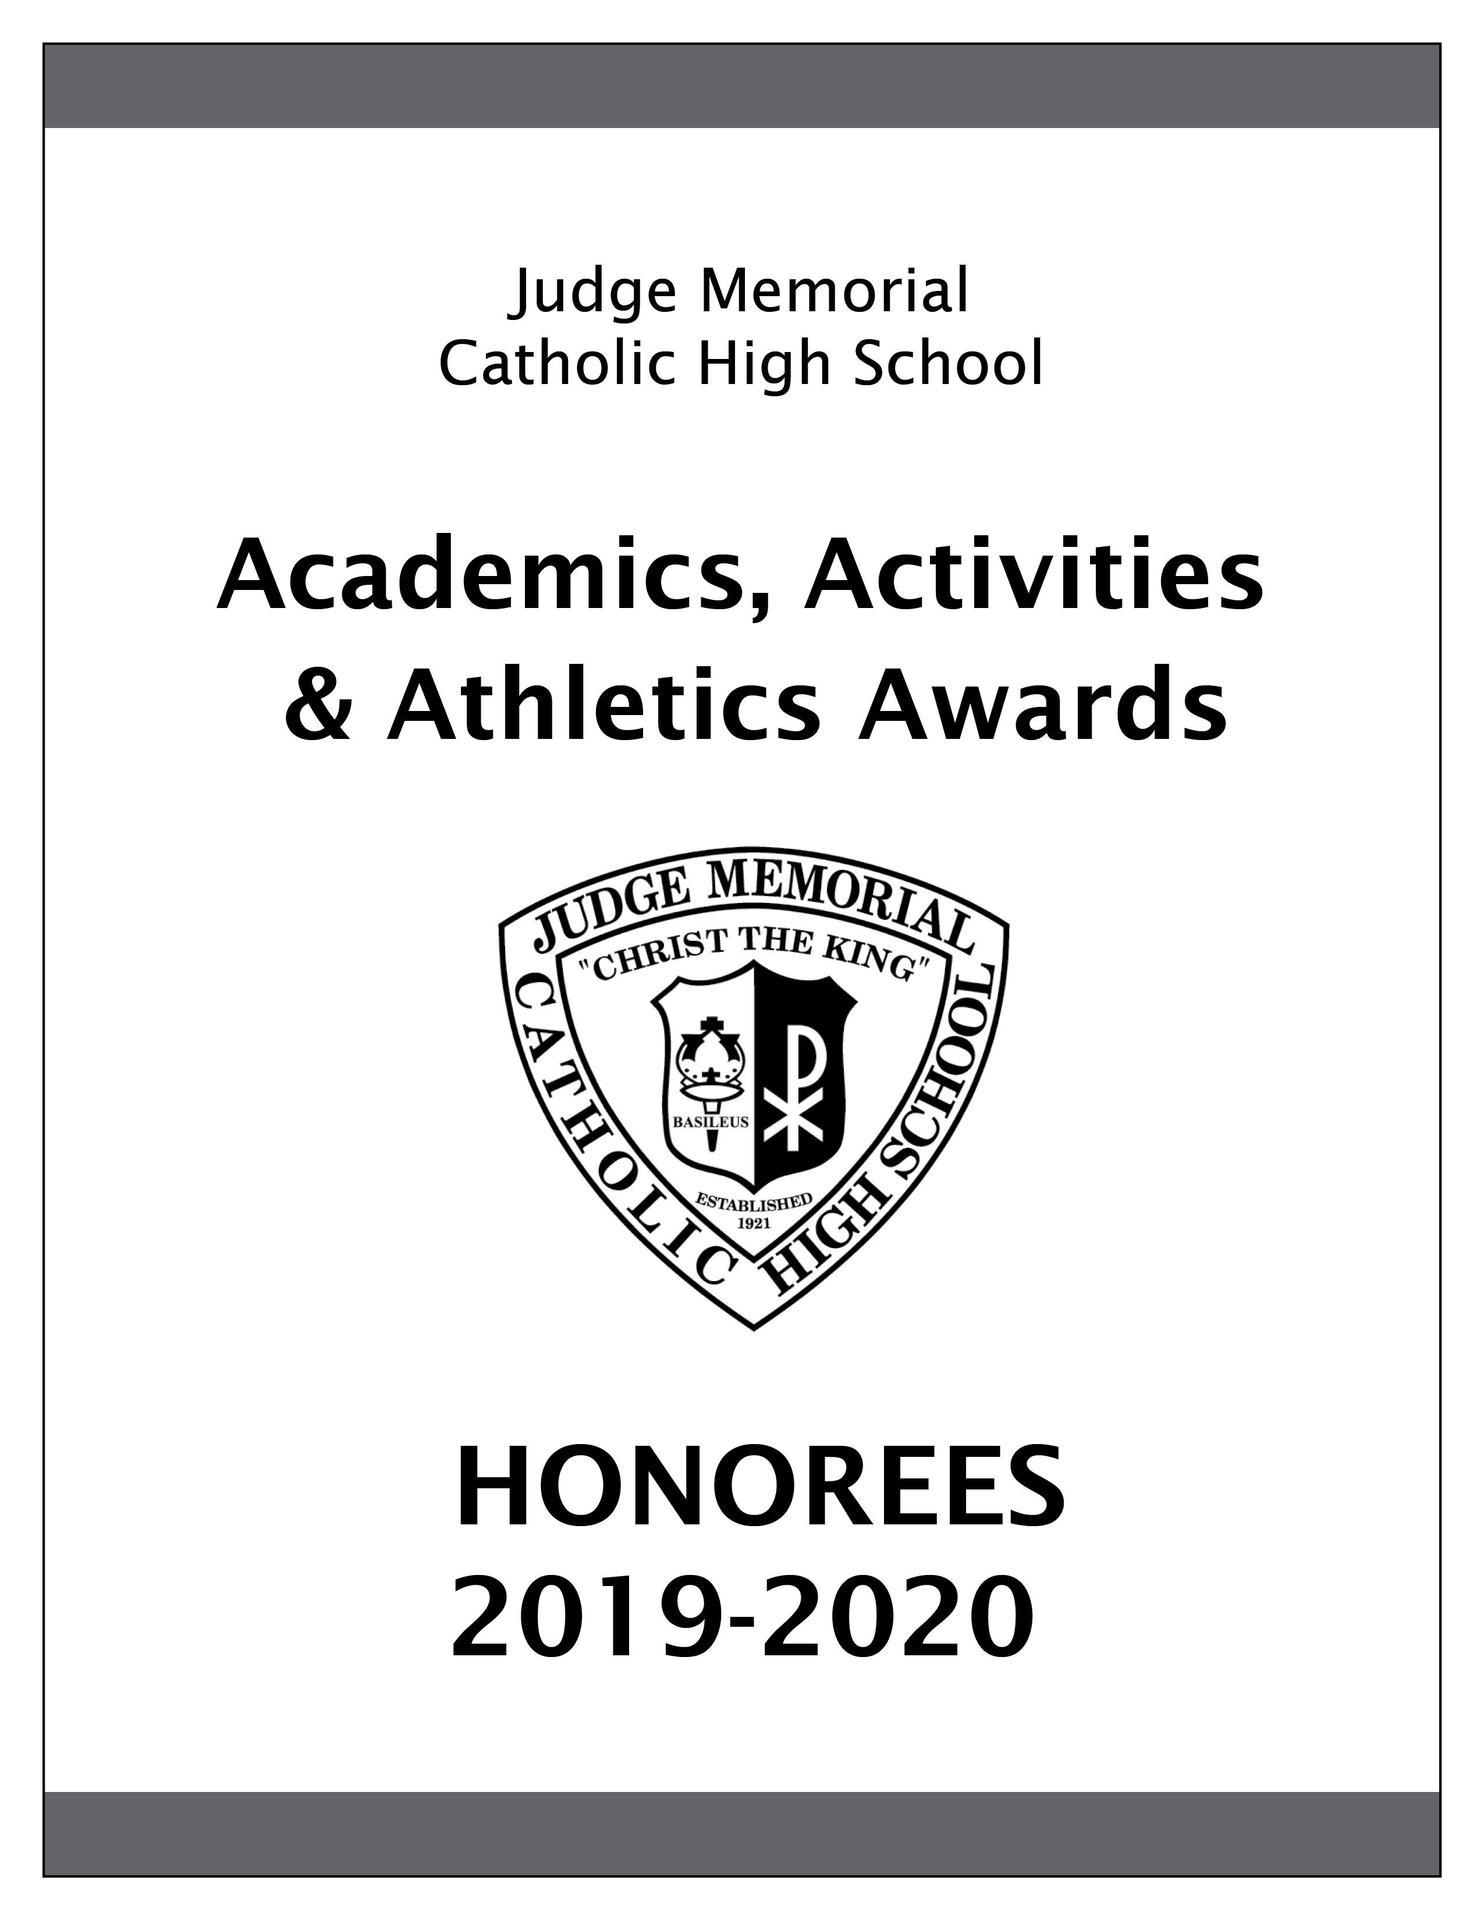 Awards Celebration 2020 Honorees